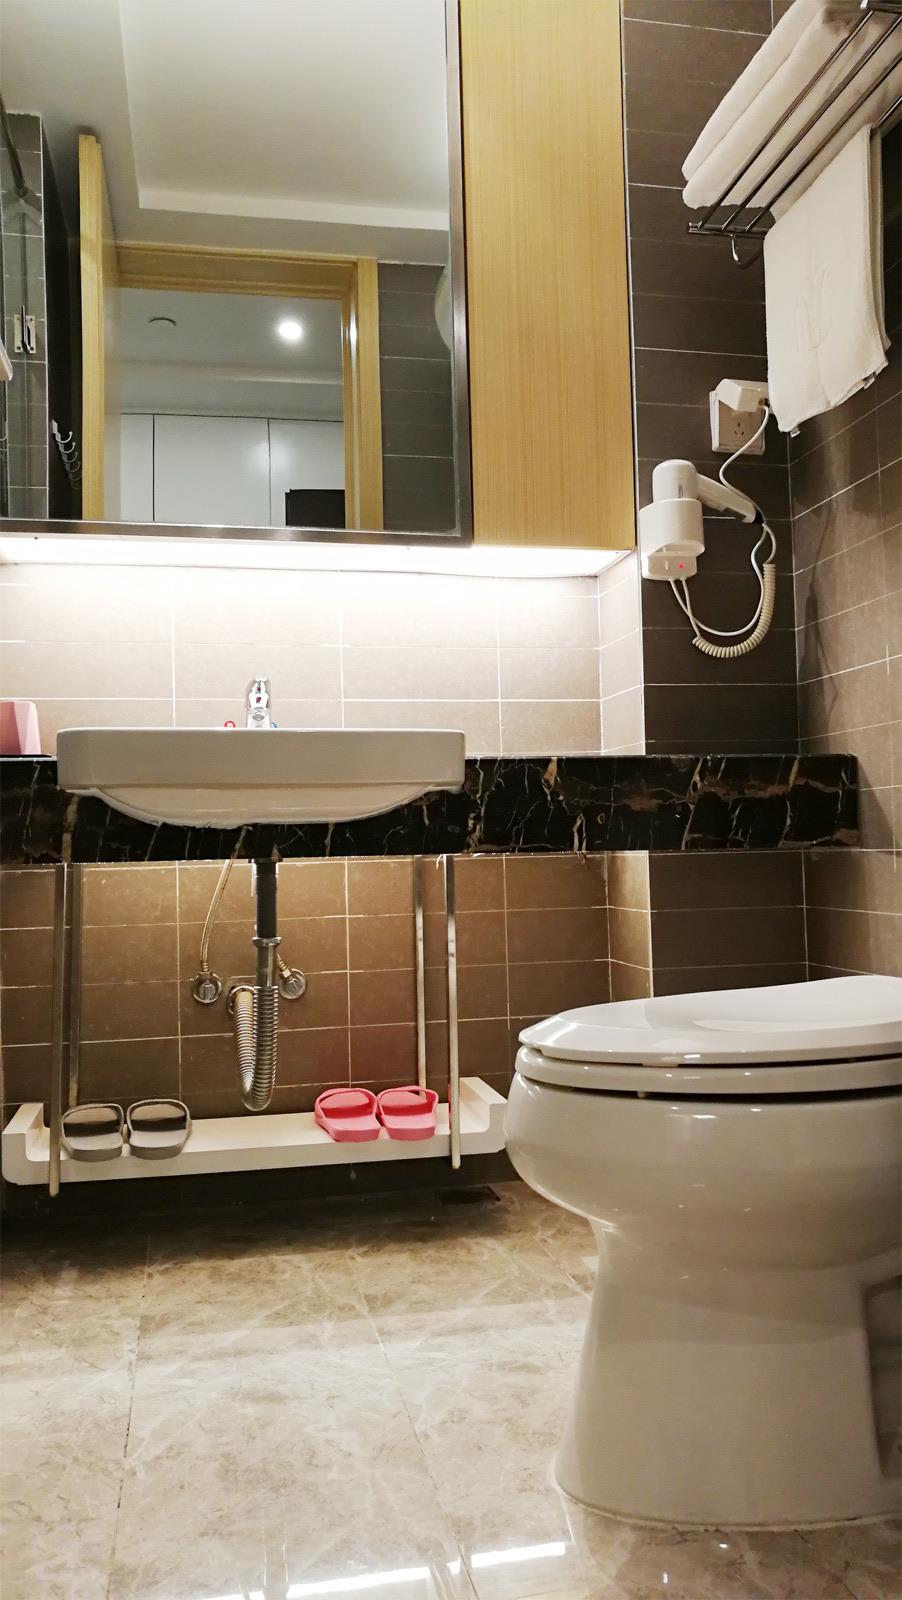 沙洲新村 栢景雅居附近 太平洋 黎阳水街 九小隔壁 单身公寓 价格便宜只要600